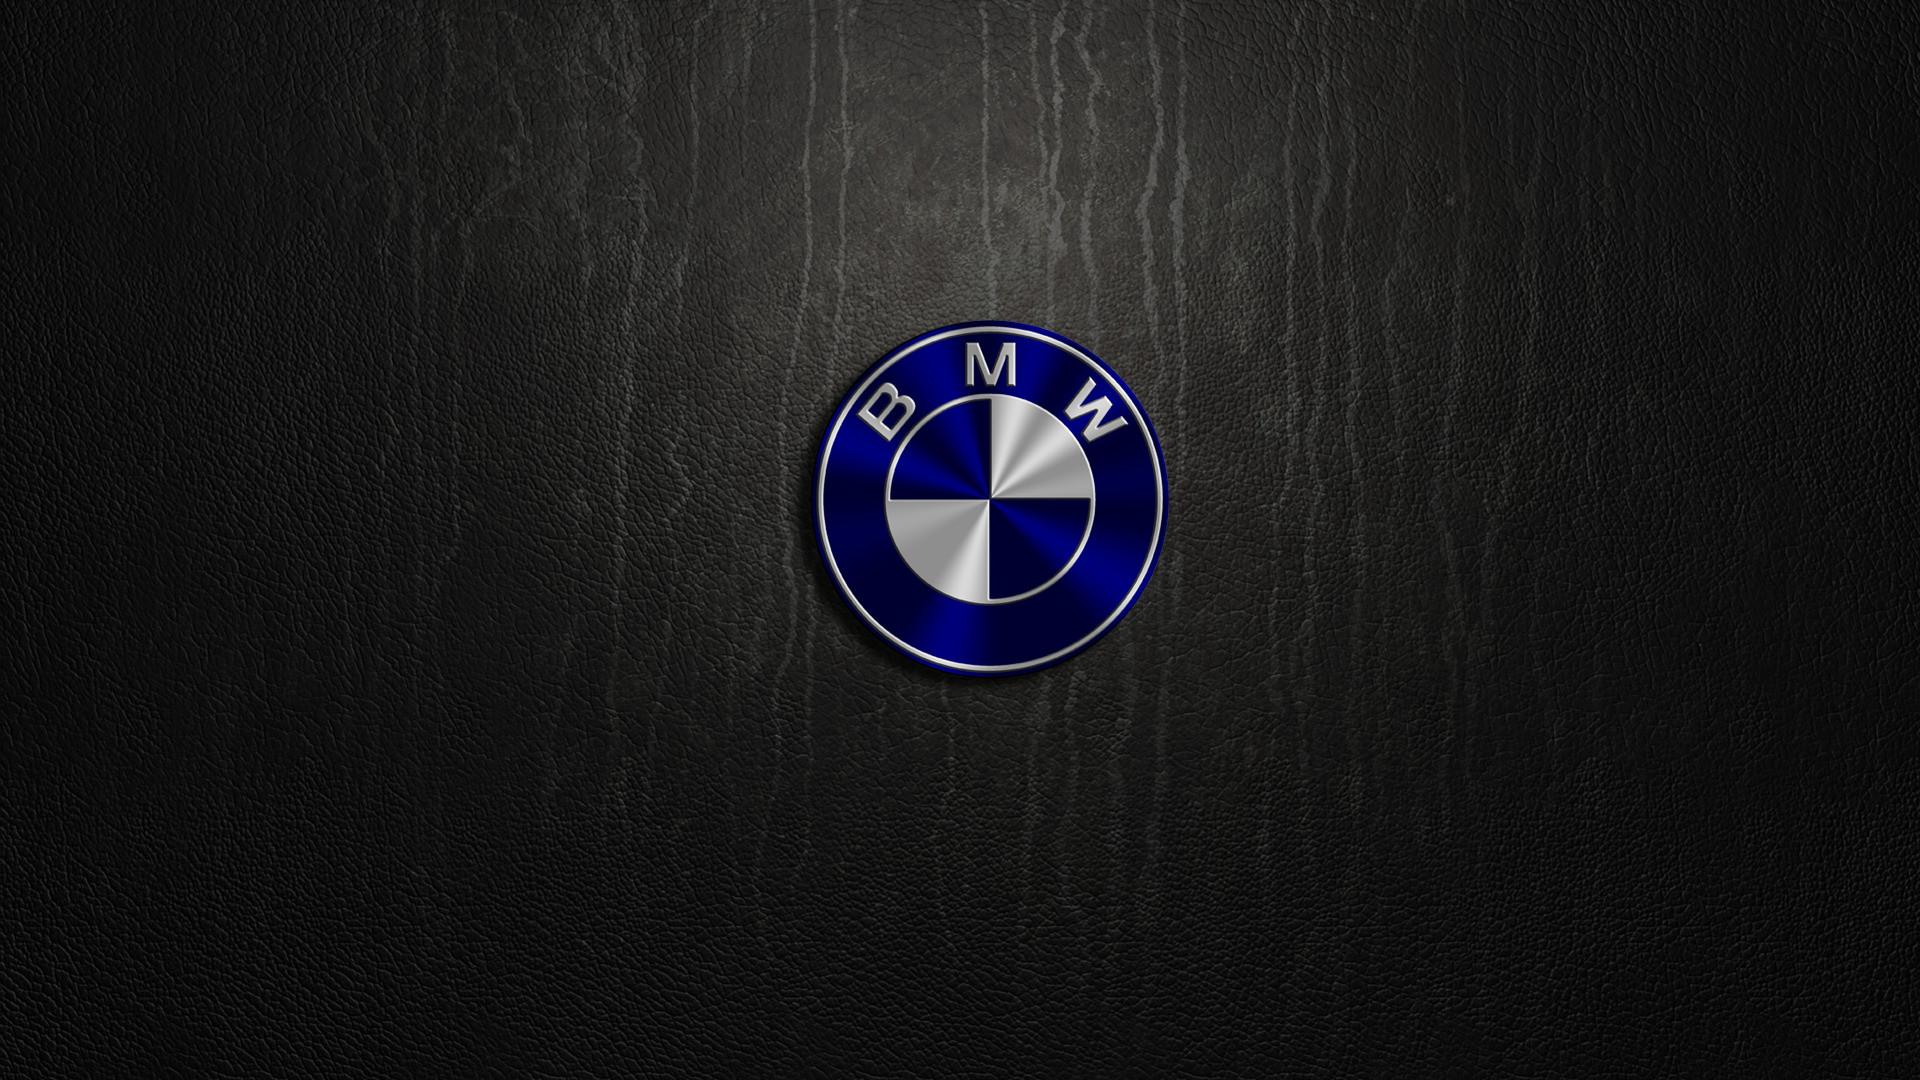 1920x1080 Bmw Logo wallpaper